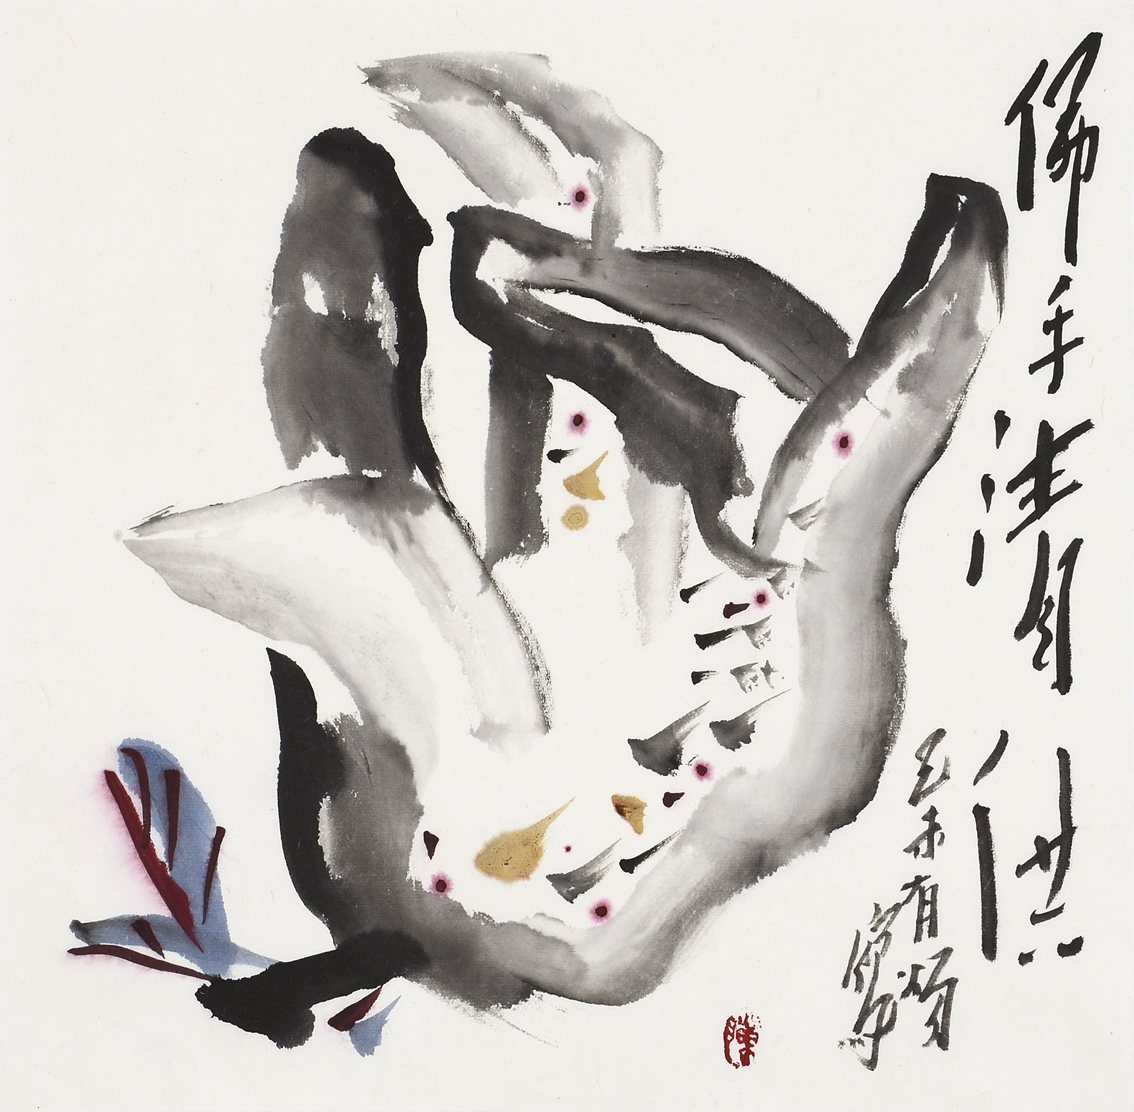 佛手 Buddha's Hand (2015)